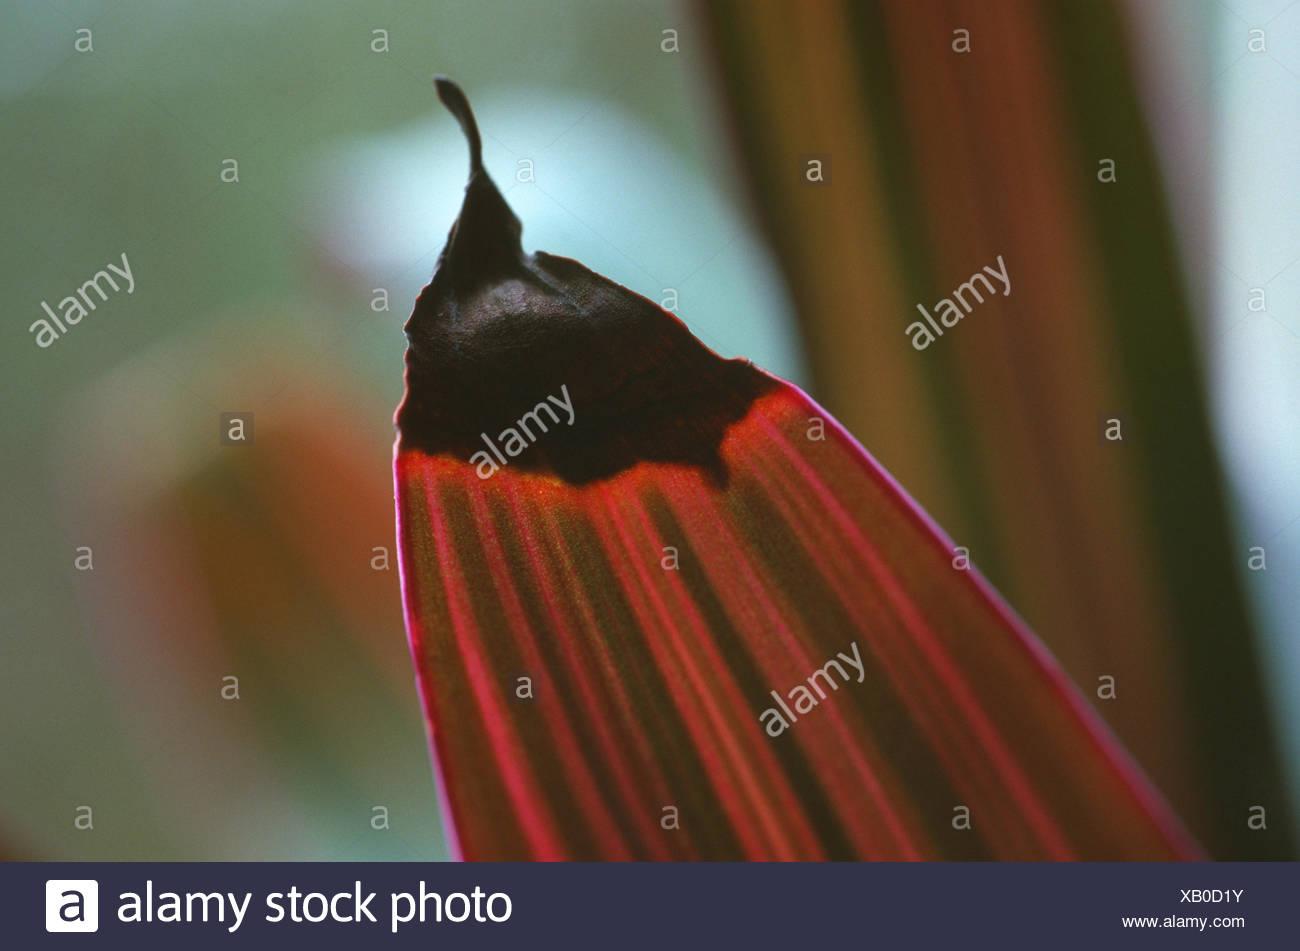 Moïse-dans-le-berceau, Oyster Plant, Rhoeo Rhoeo spathacea (Tradescantia spathacea,), dommages aux feuilles par beaucoup d'arrosage Photo Stock